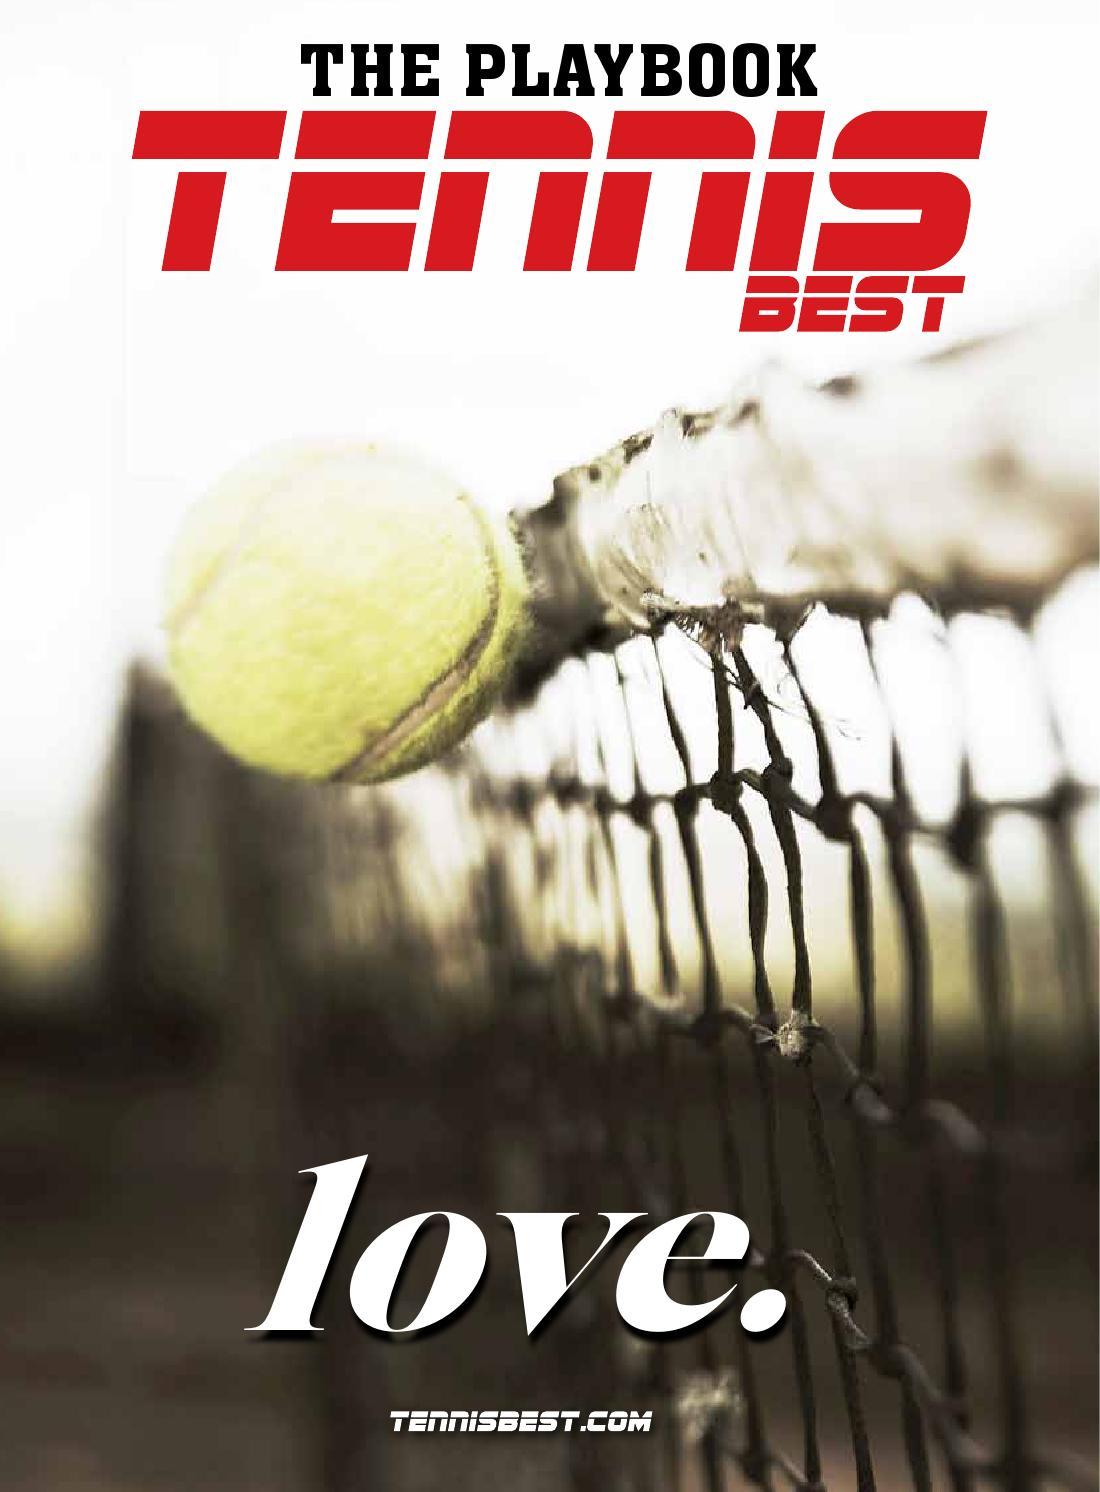 Sergio TACCHINI pantaloni abbigliamento sportivo bambini Pantaloncini da Tennis taglia 116-140 tempo libero